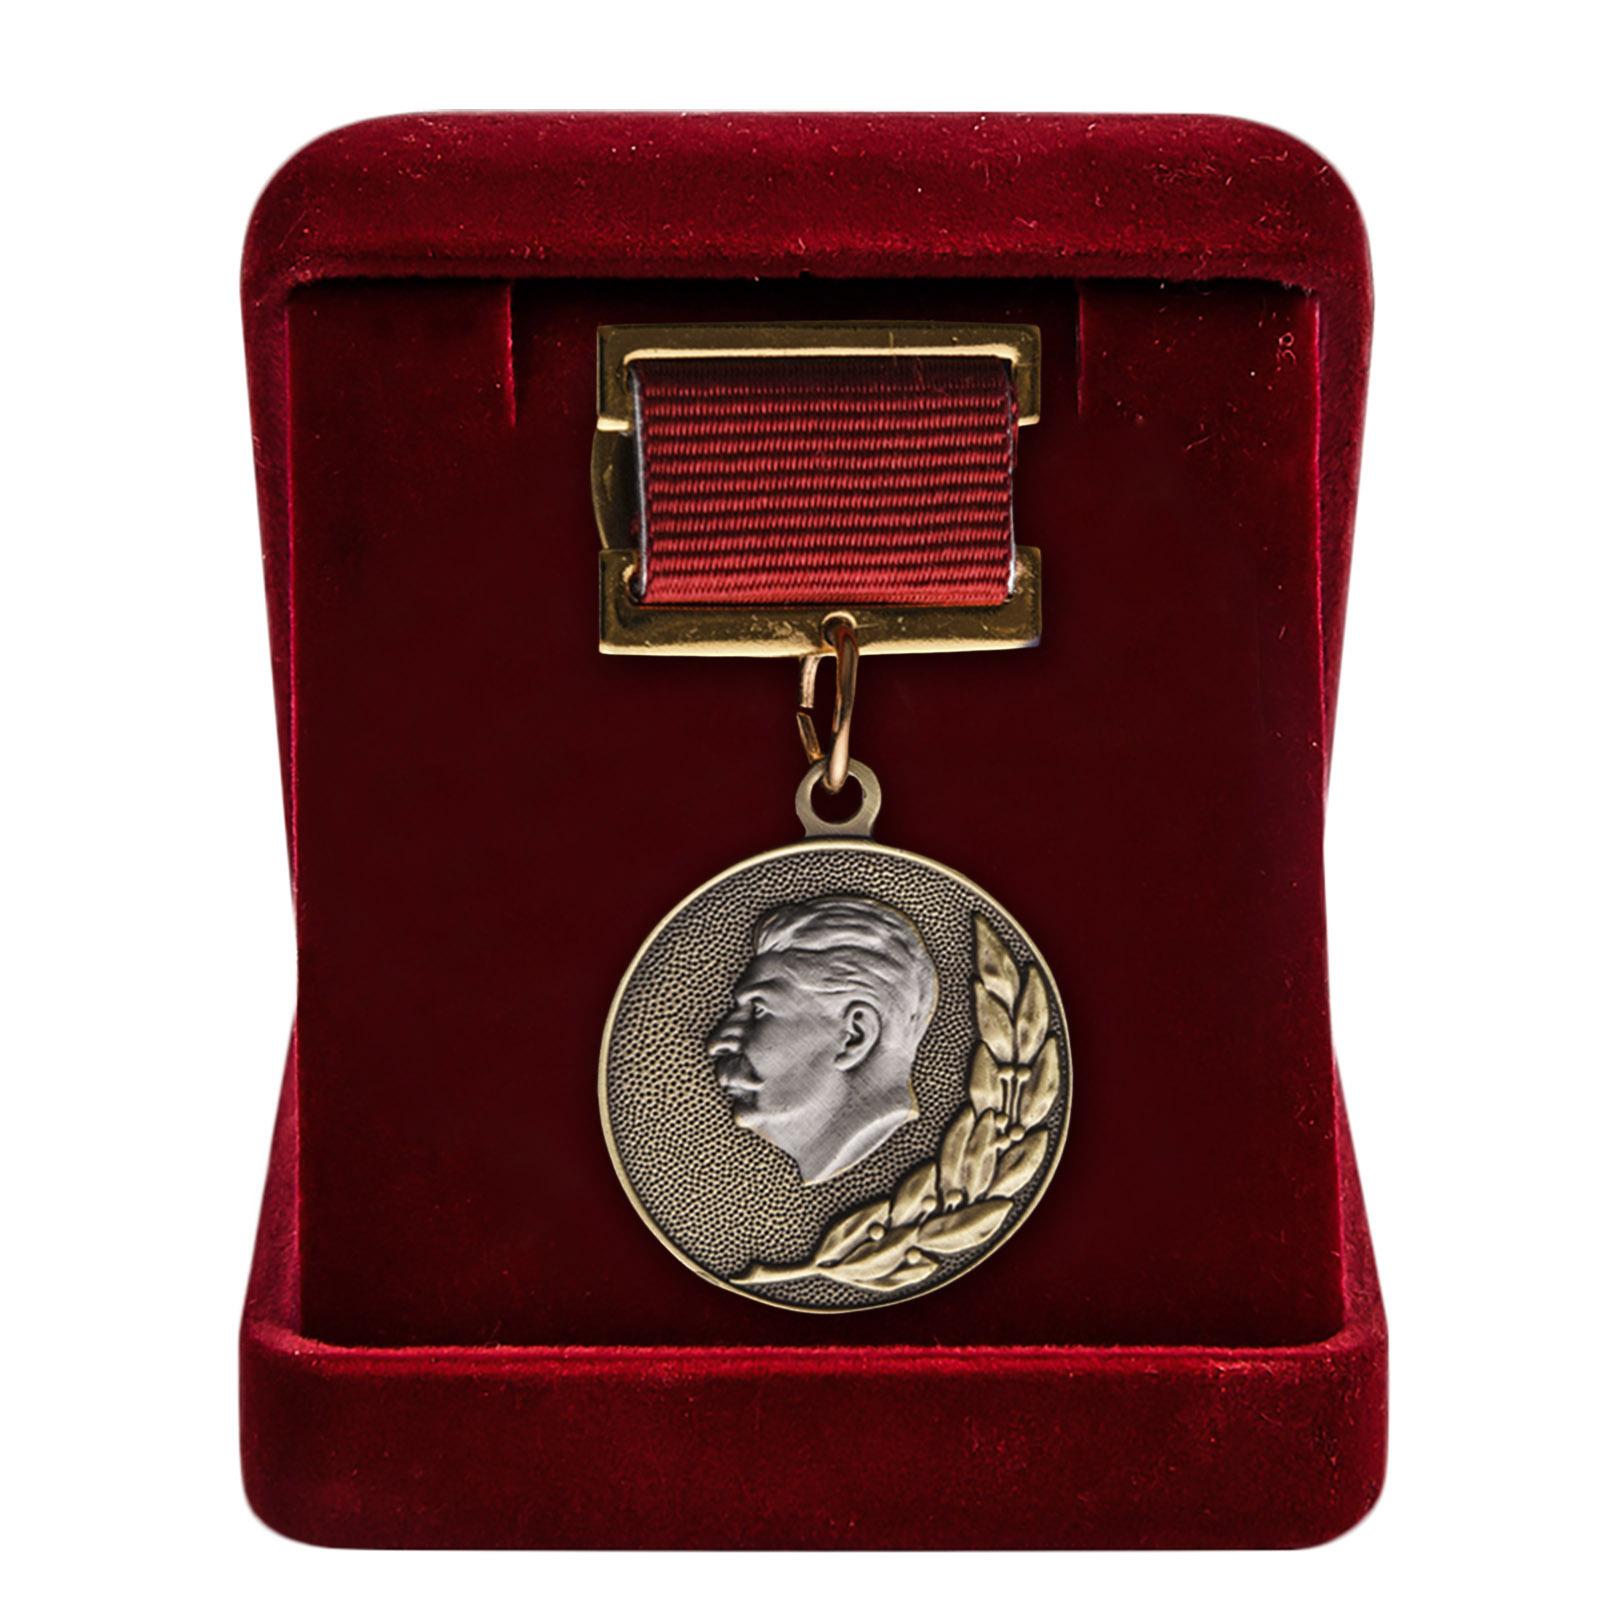 Почетный знак Лауреата Сталинской премии 3 степени в бархатистом футляре